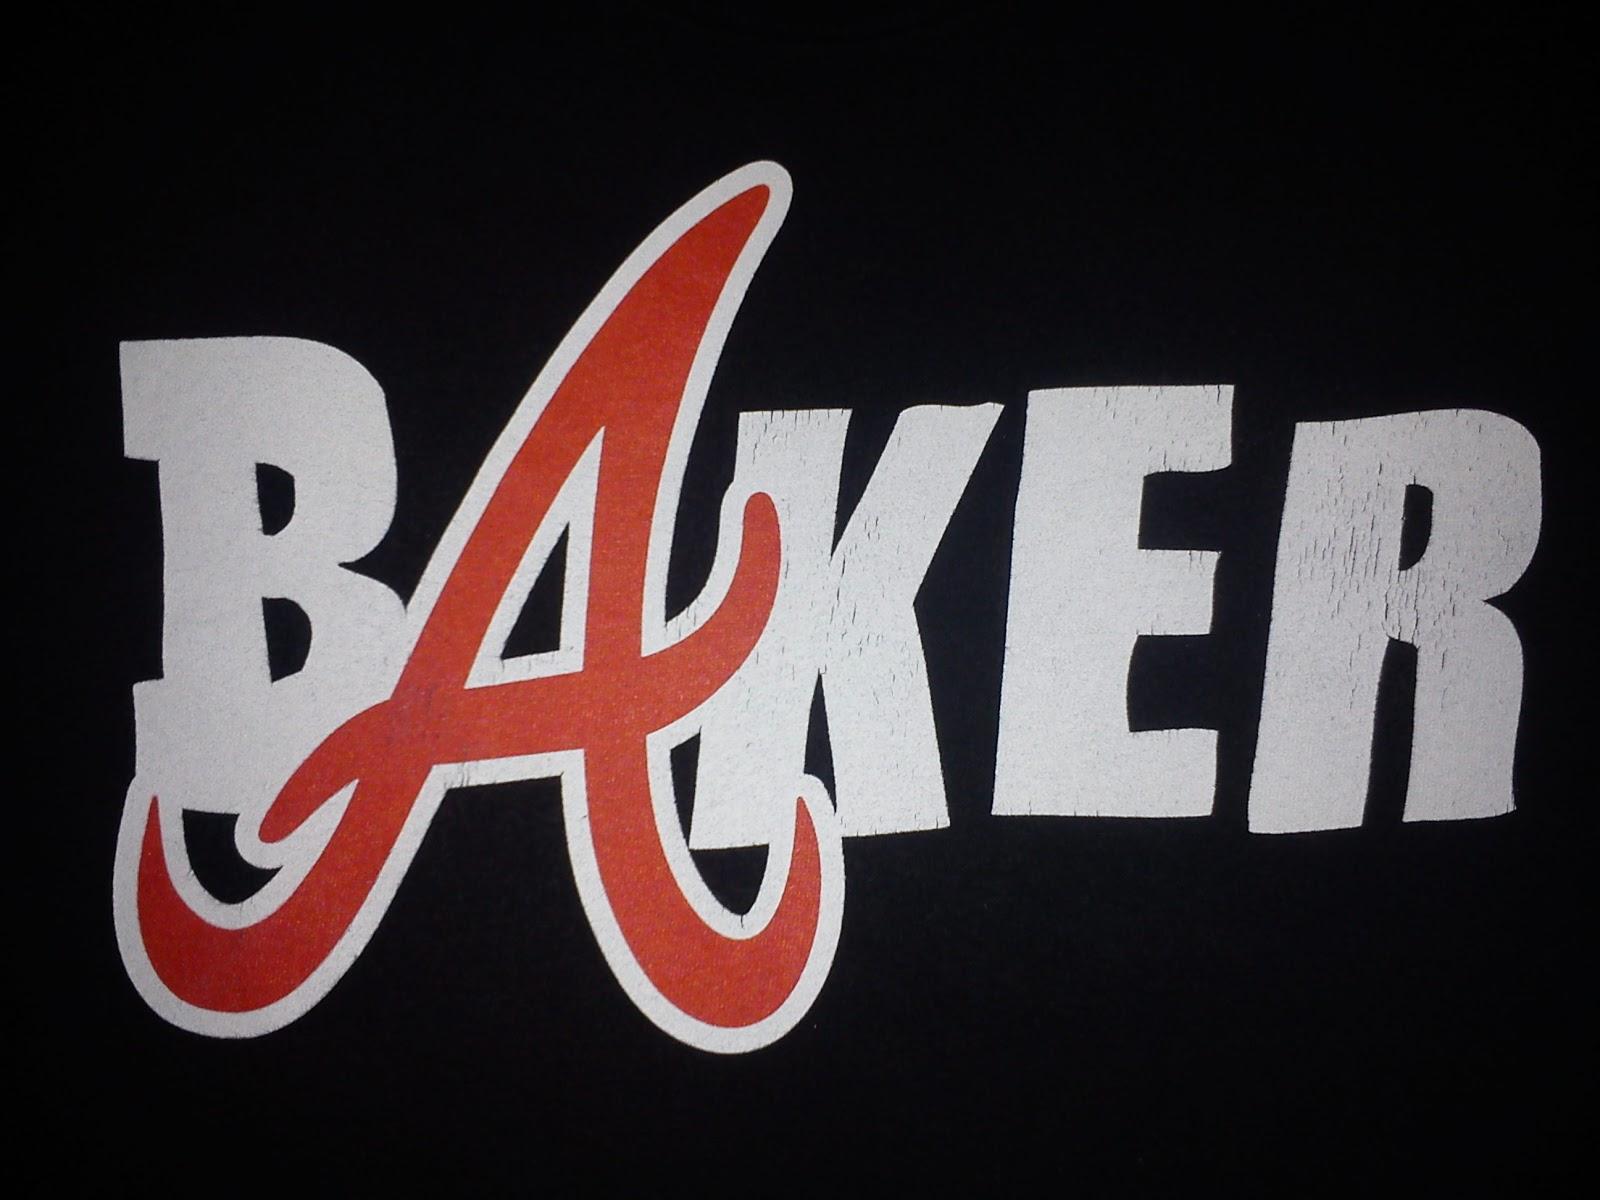 baker skateboards wallpaper - photo #6